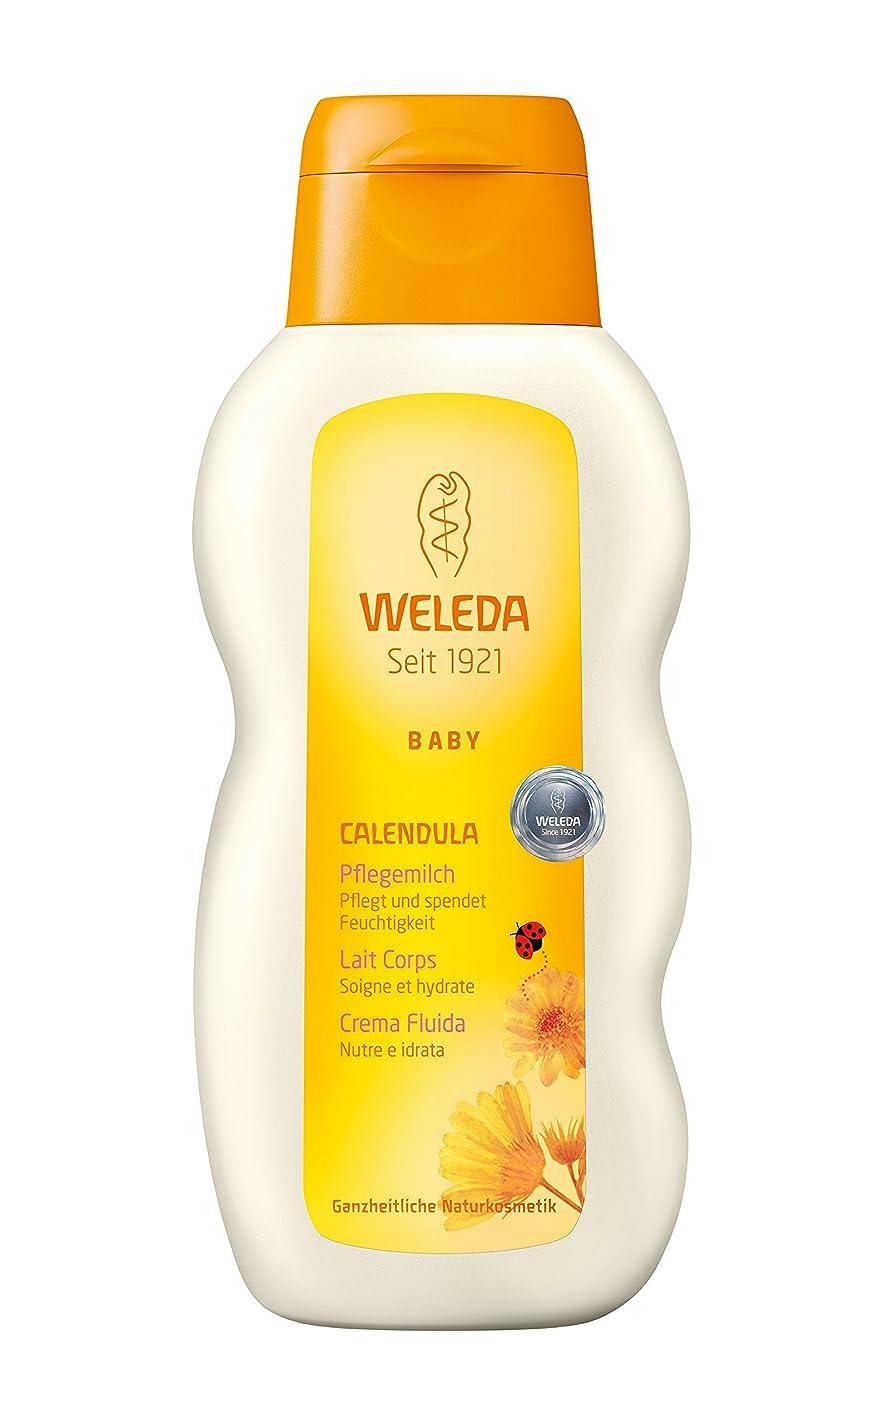 ごみうれしい出来事WELEDA(ヴェレダ) カレンドラ ベビーミルクローション 200ml